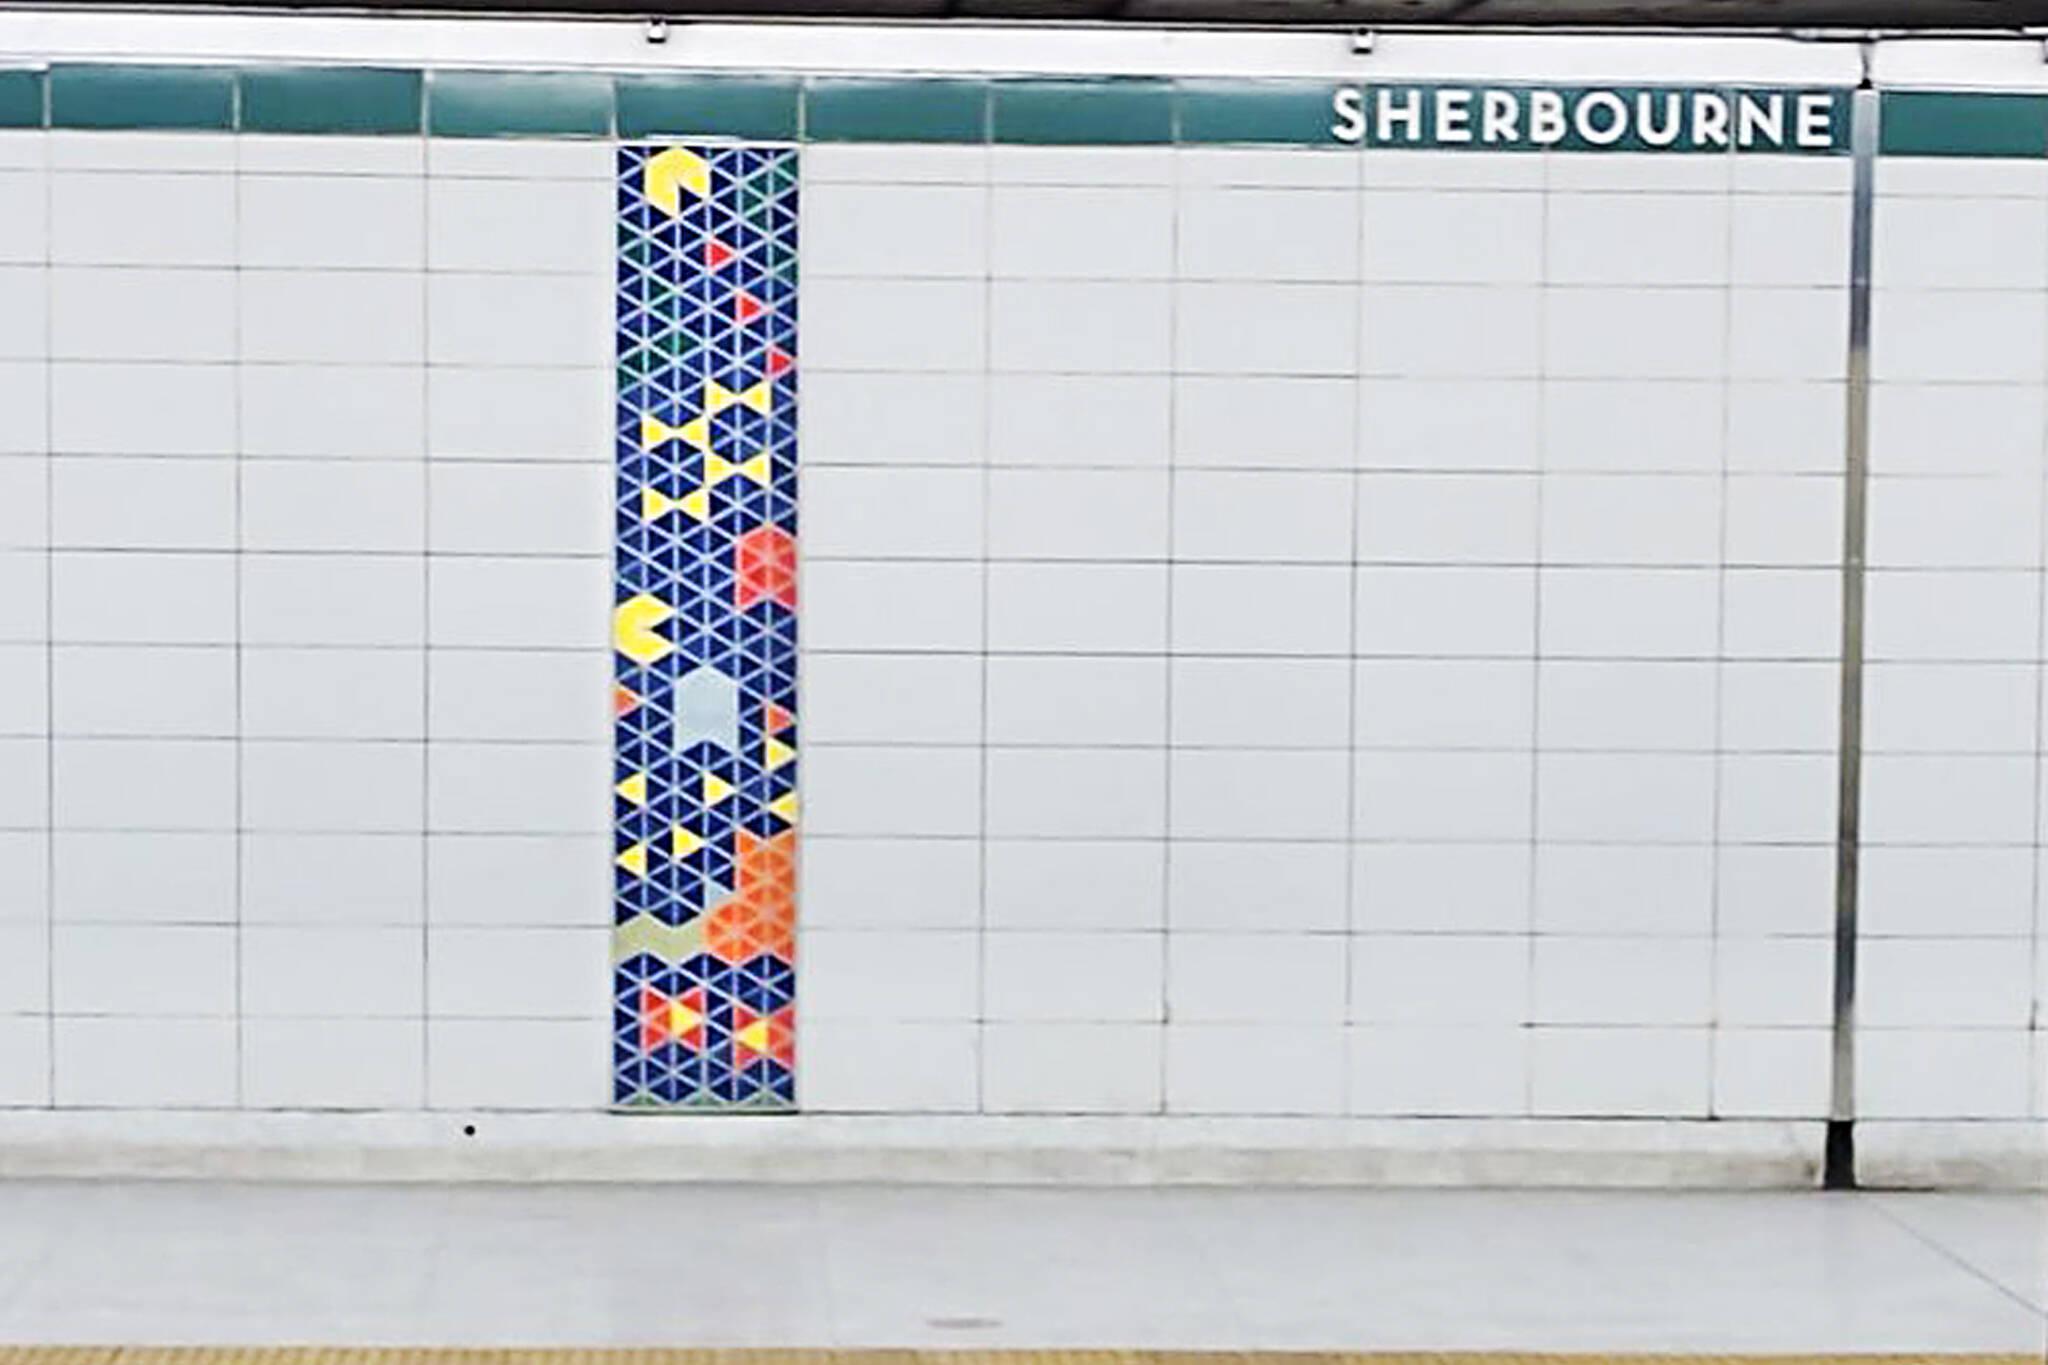 sherbourne station art